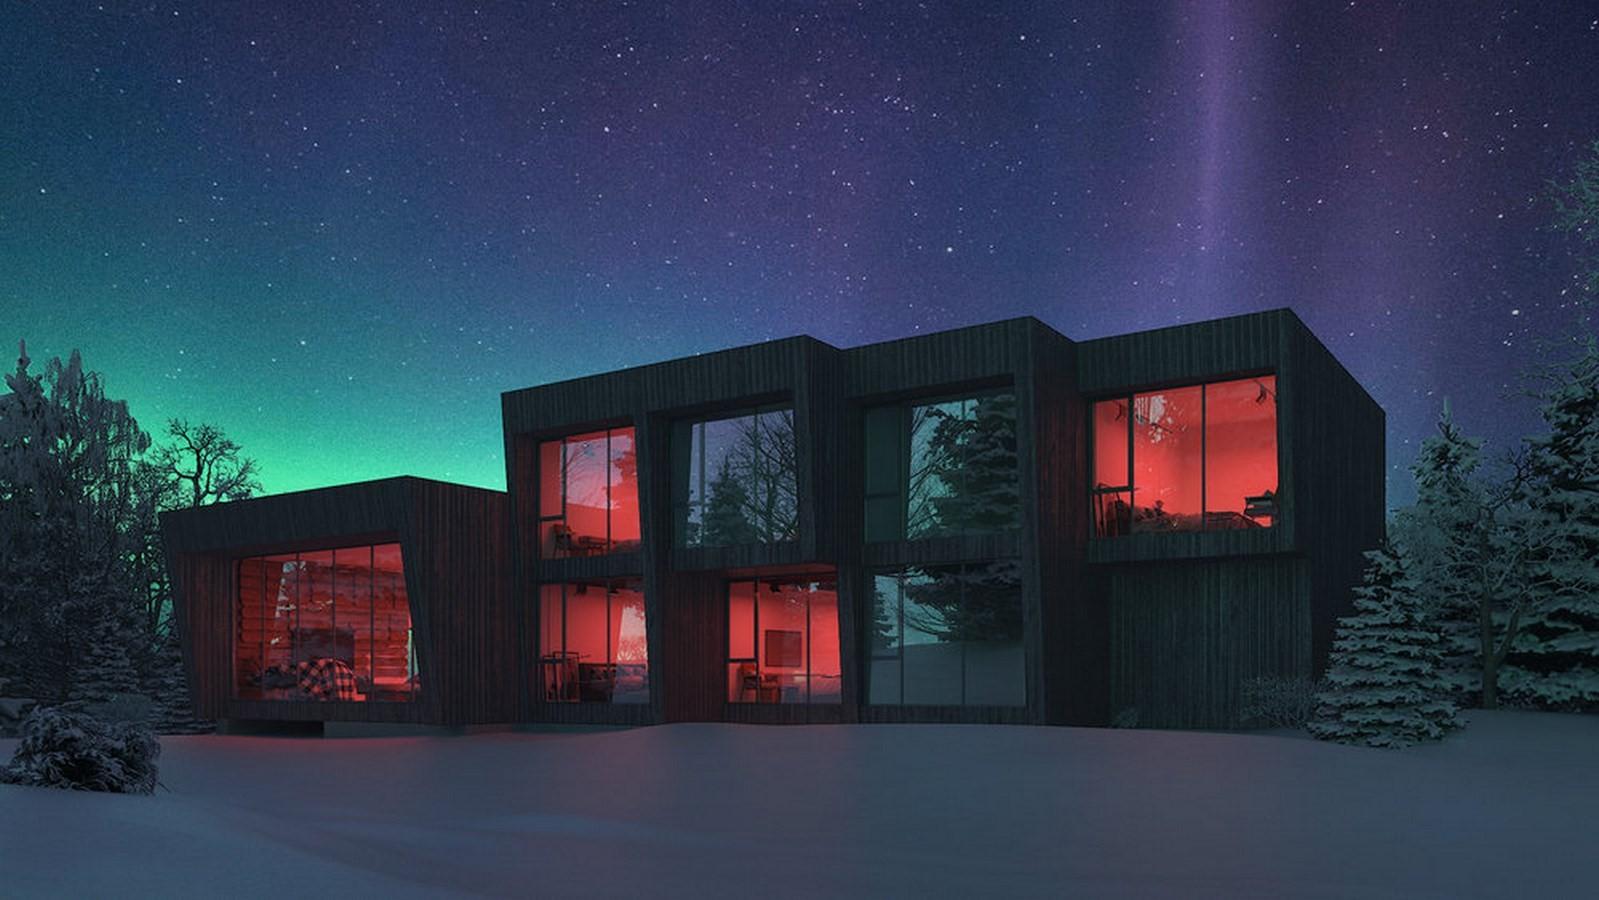 Hotel Aurora Villa, Fairbanks - Sheet1